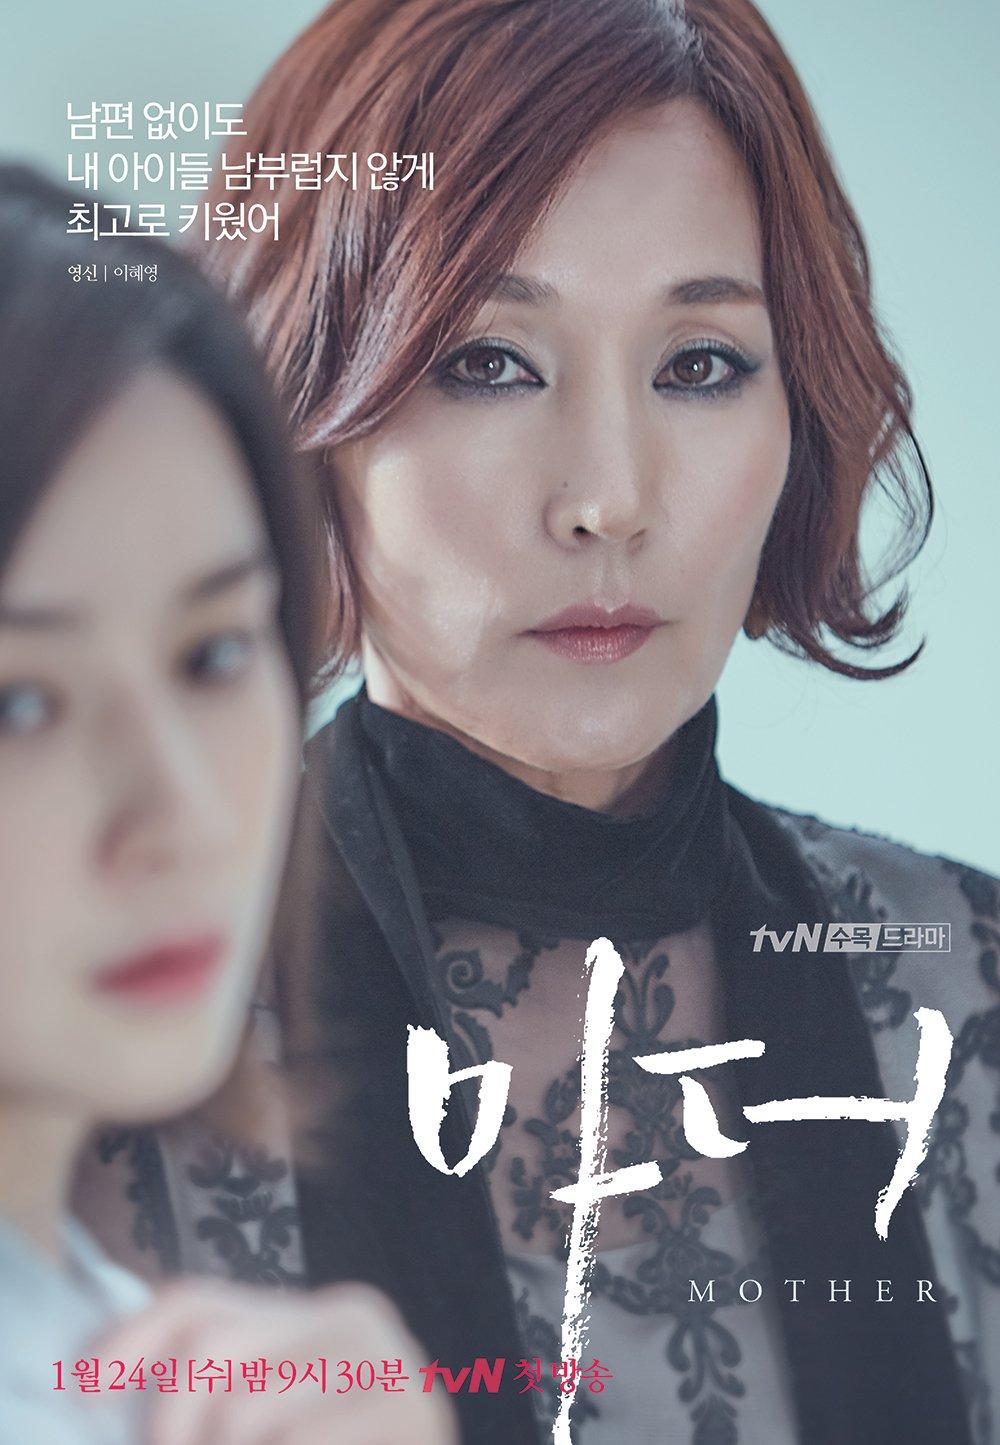 """又一部催泪+温馨韩剧 tvN《MOTHER 母亲》,由收视女王 - 李宝英诠释""""母亲""""的角色,给观众们带来温暖的安慰!"""